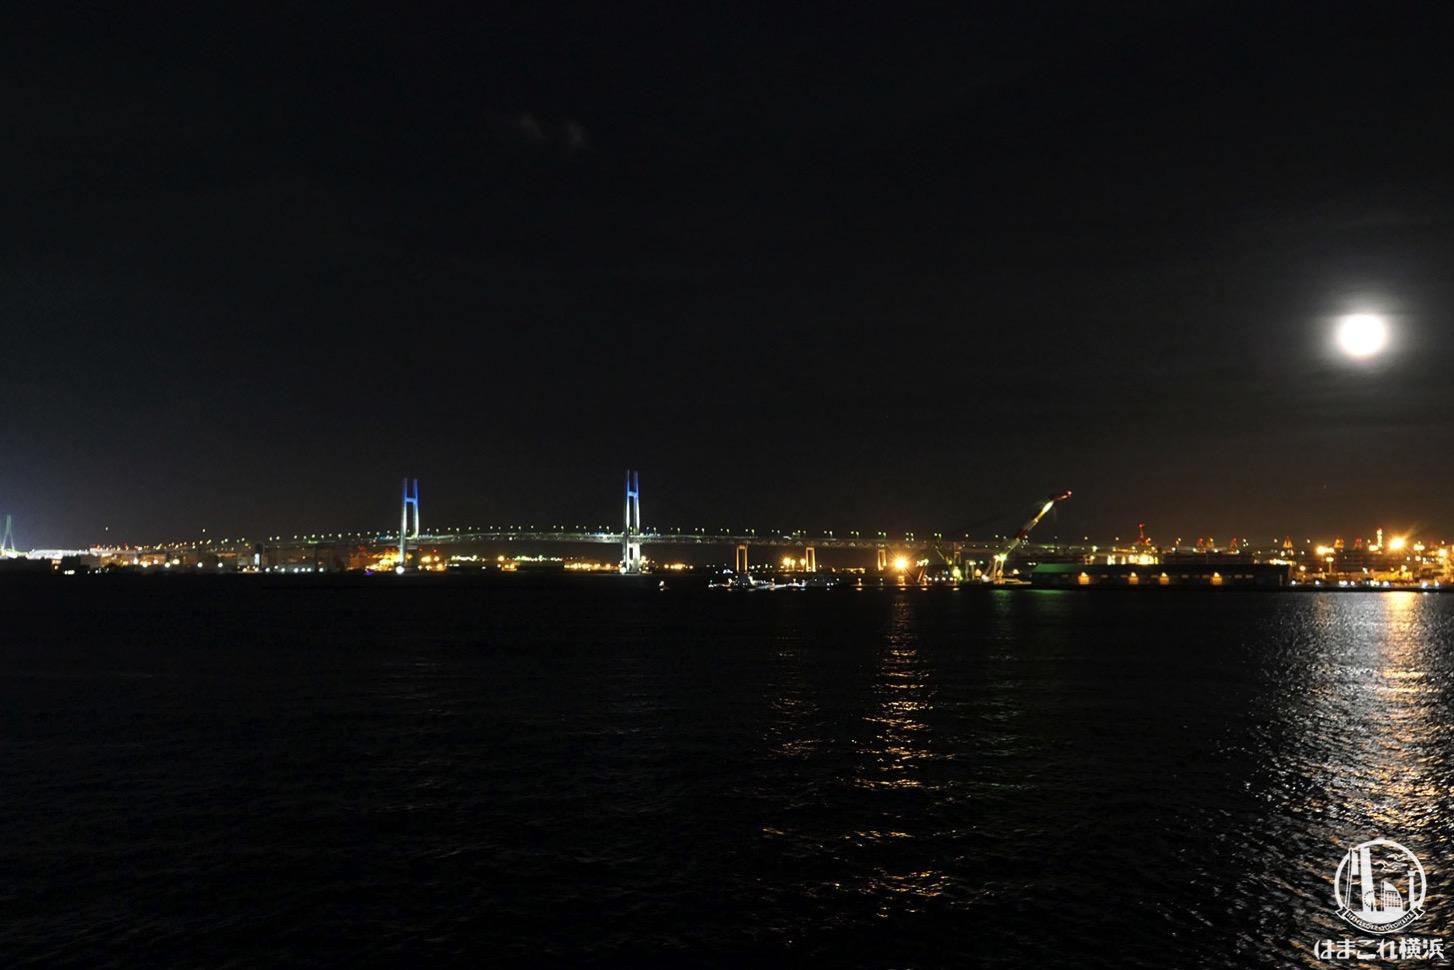 横浜港大さん橋国際客船ターミナル 屋上から見た横浜ベイブリッジ夜景